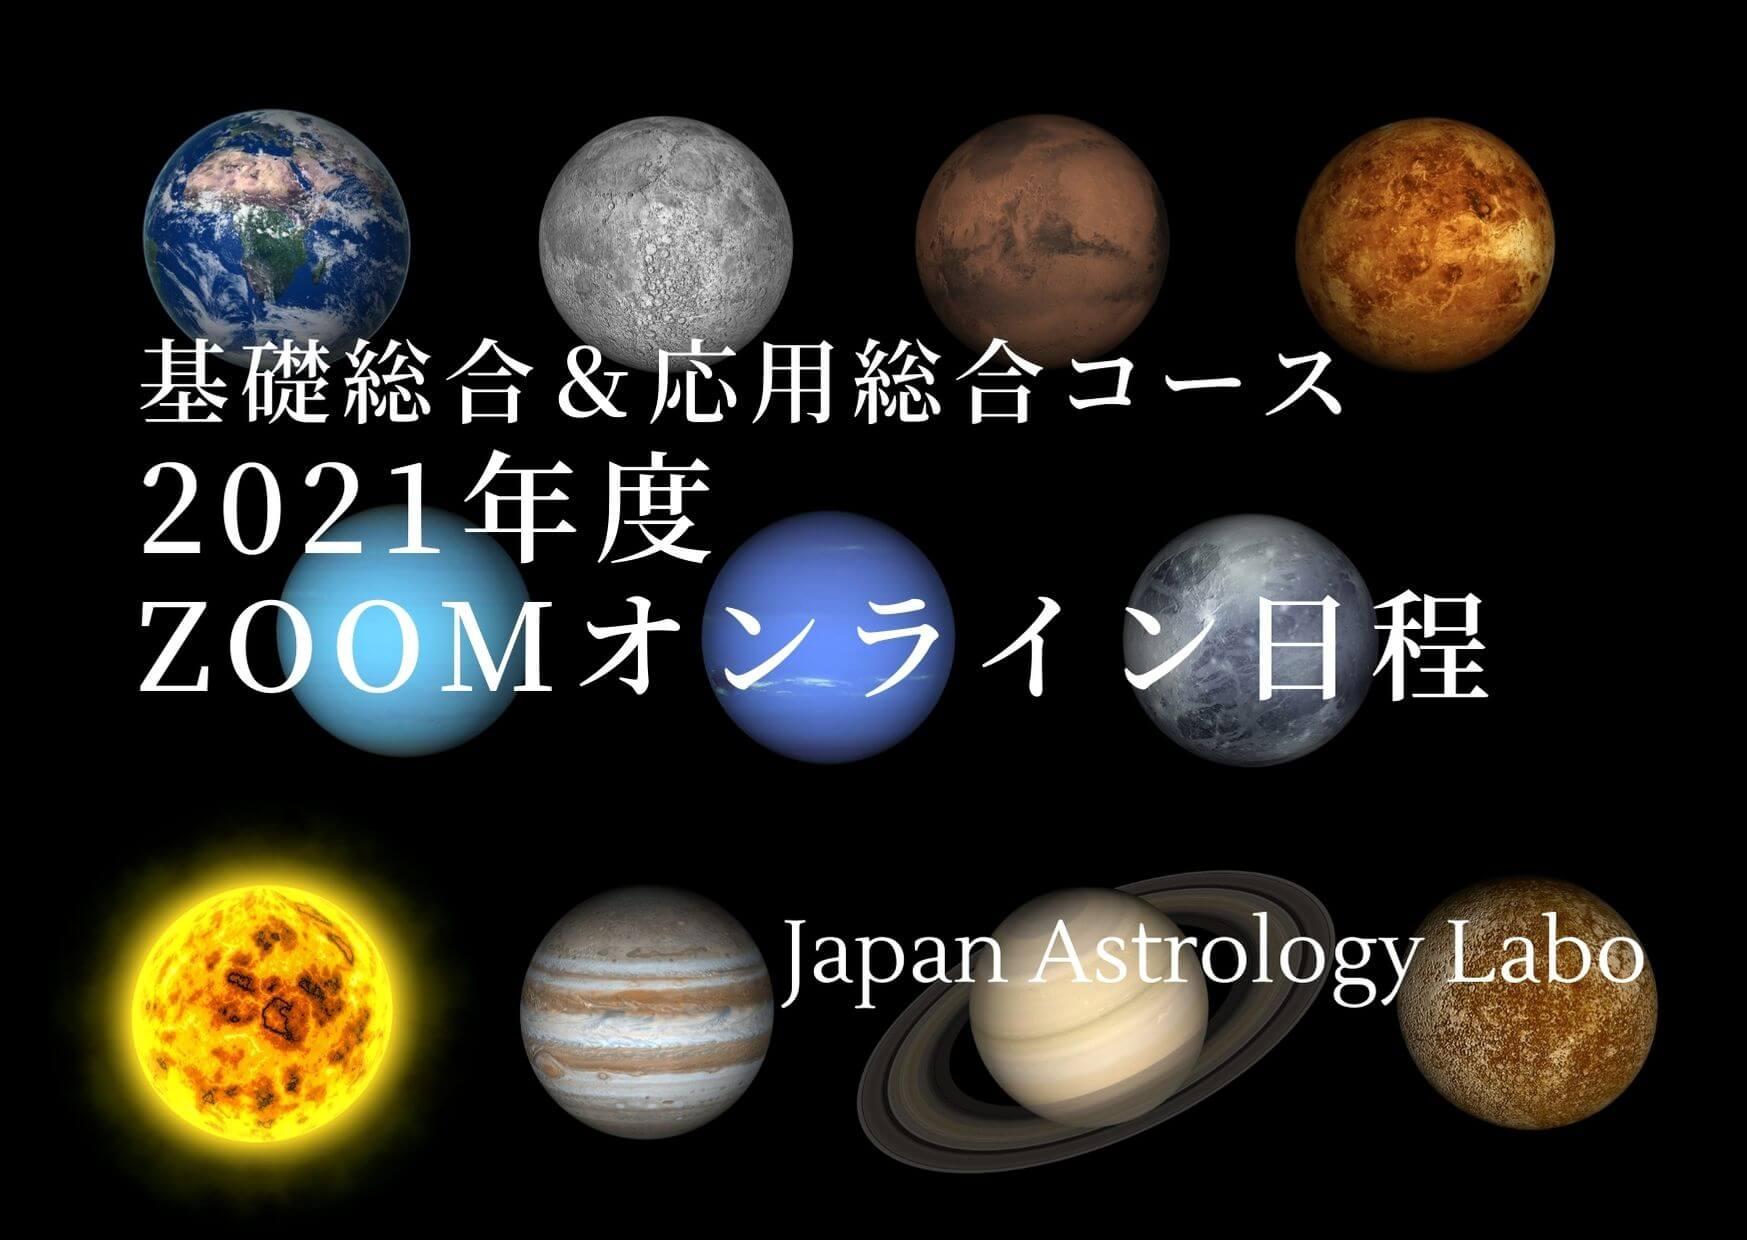 オンライン占星術基礎総合&応用総合コース